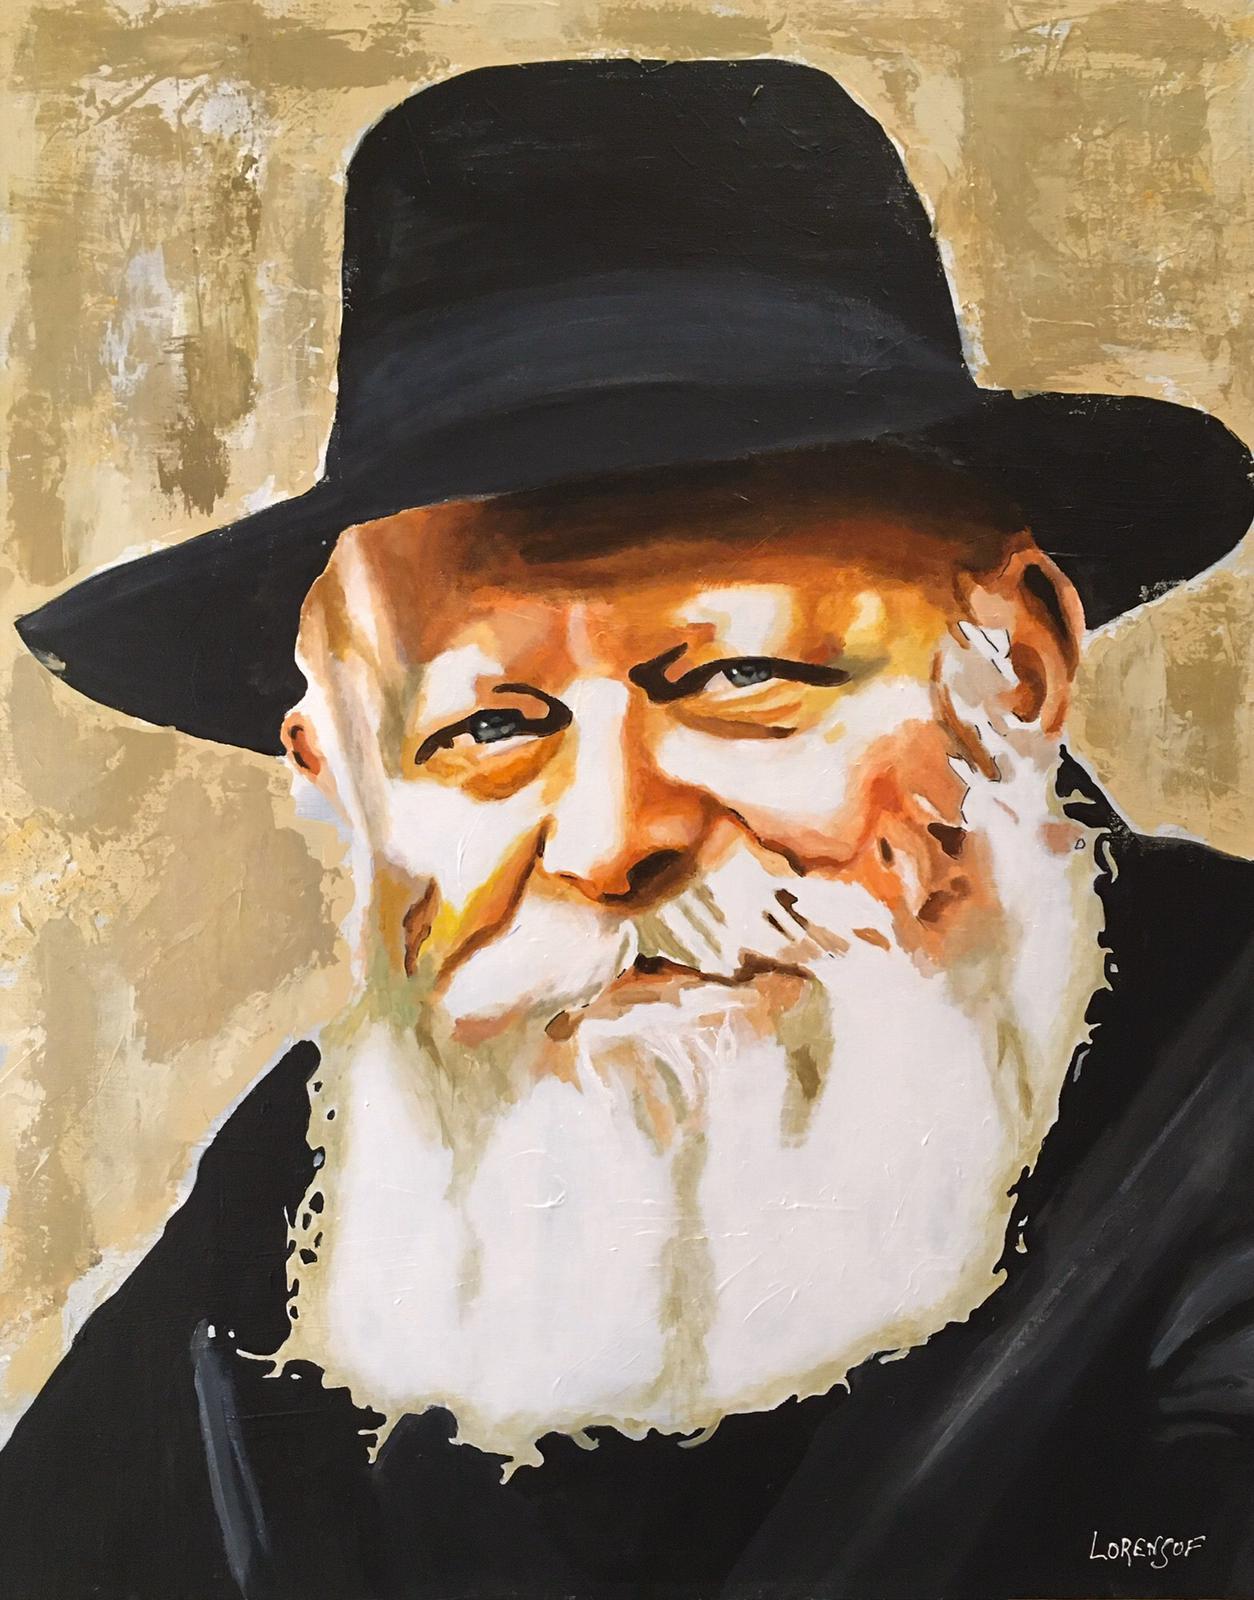 Le roi des champs - 8500 shekels